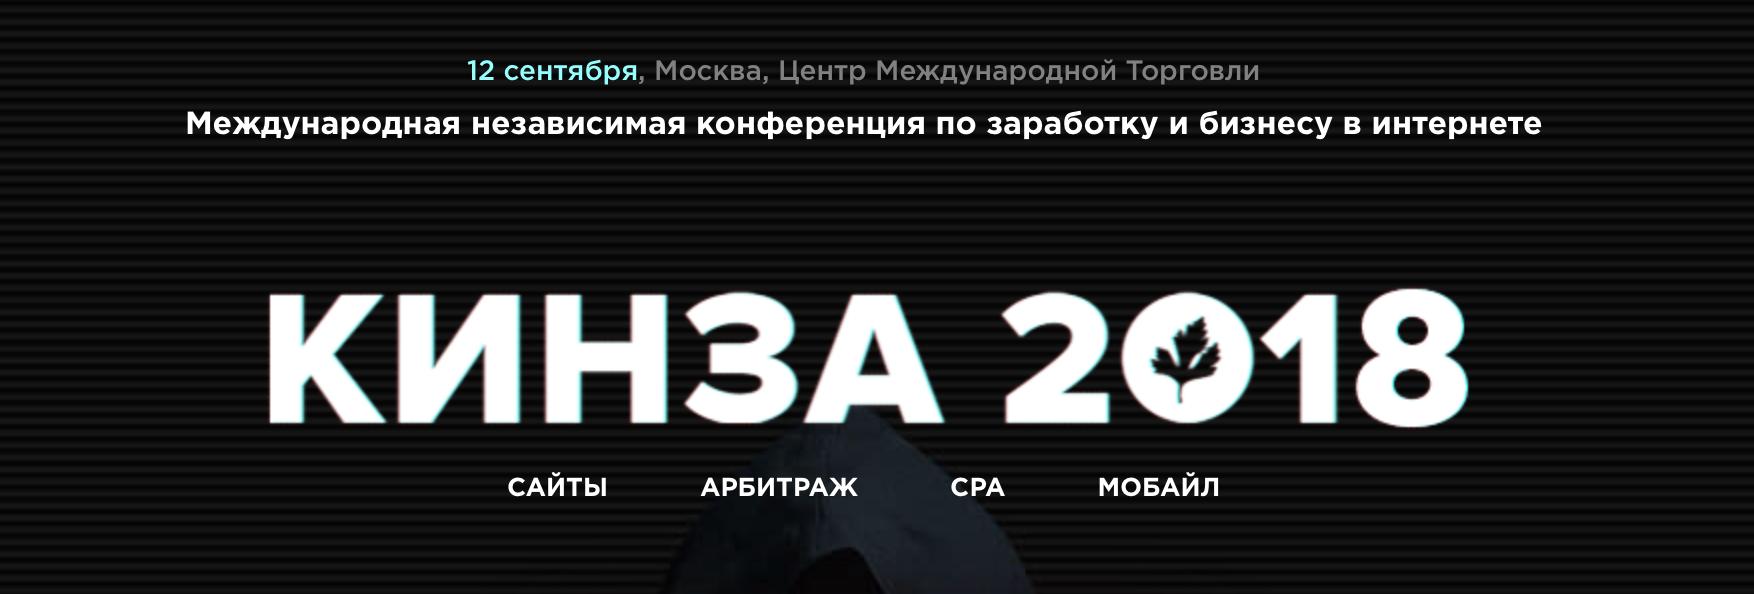 КИНЗА-2018 — конференция по заработку и бизнесу в сети [+ промокод для пользователей Click.ru]